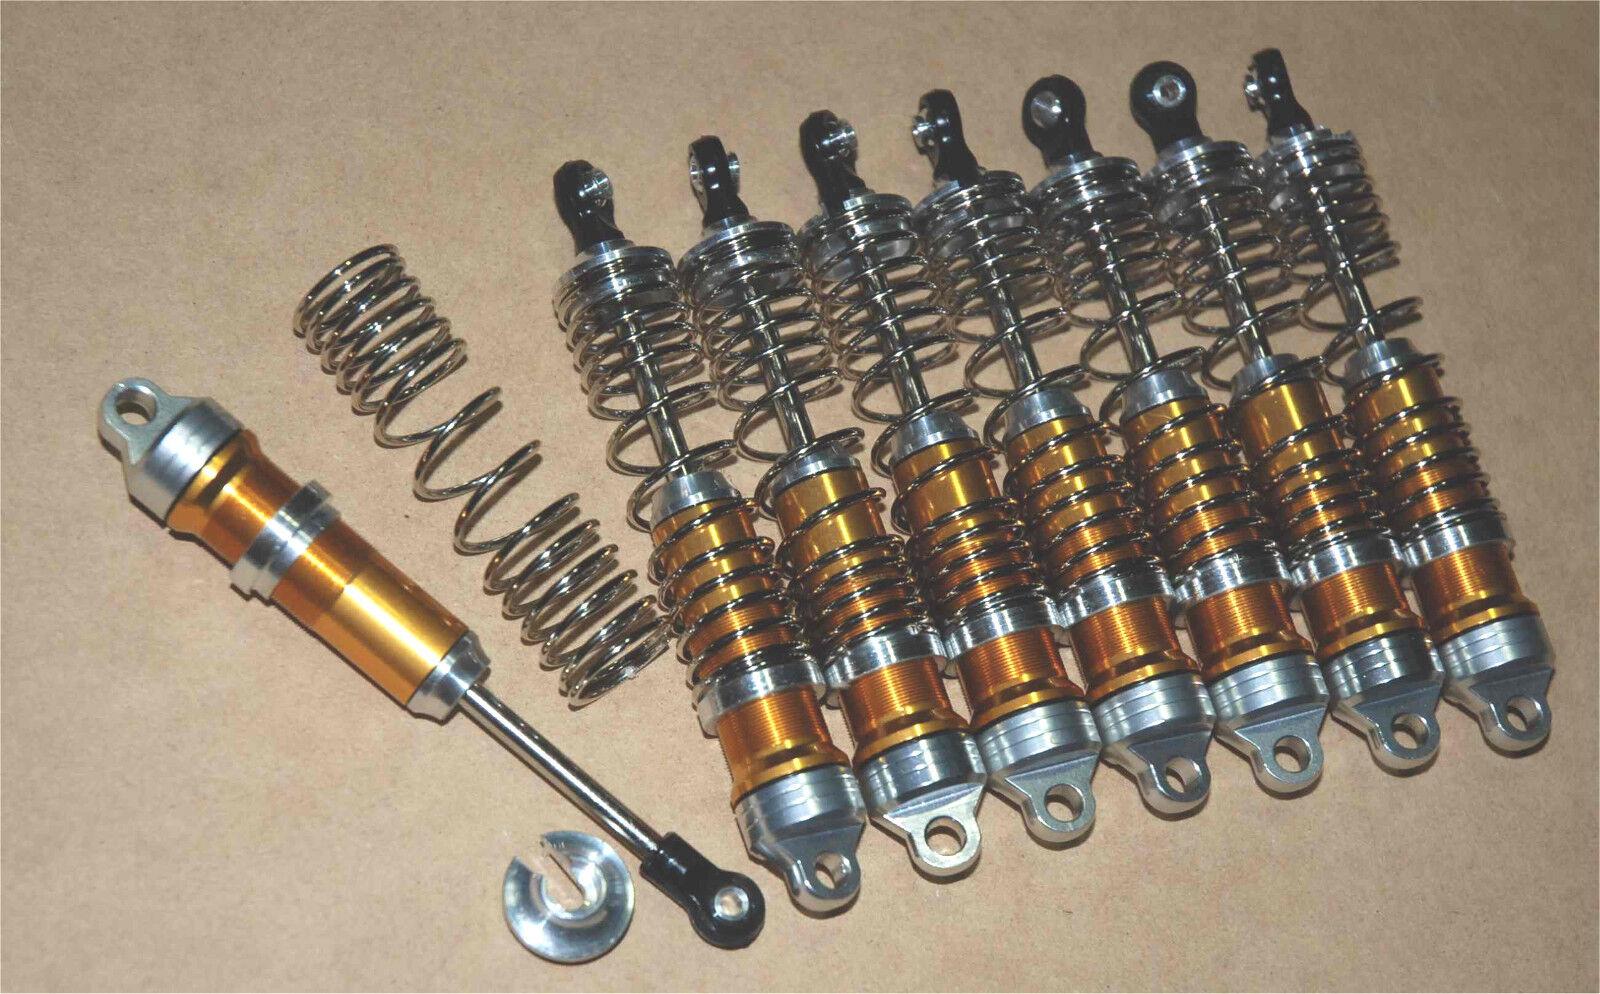 Gran diámetro de rendimiento de aluminio choques Fit Traxxas Maxx Maxx 3.3 2.5 oro T E